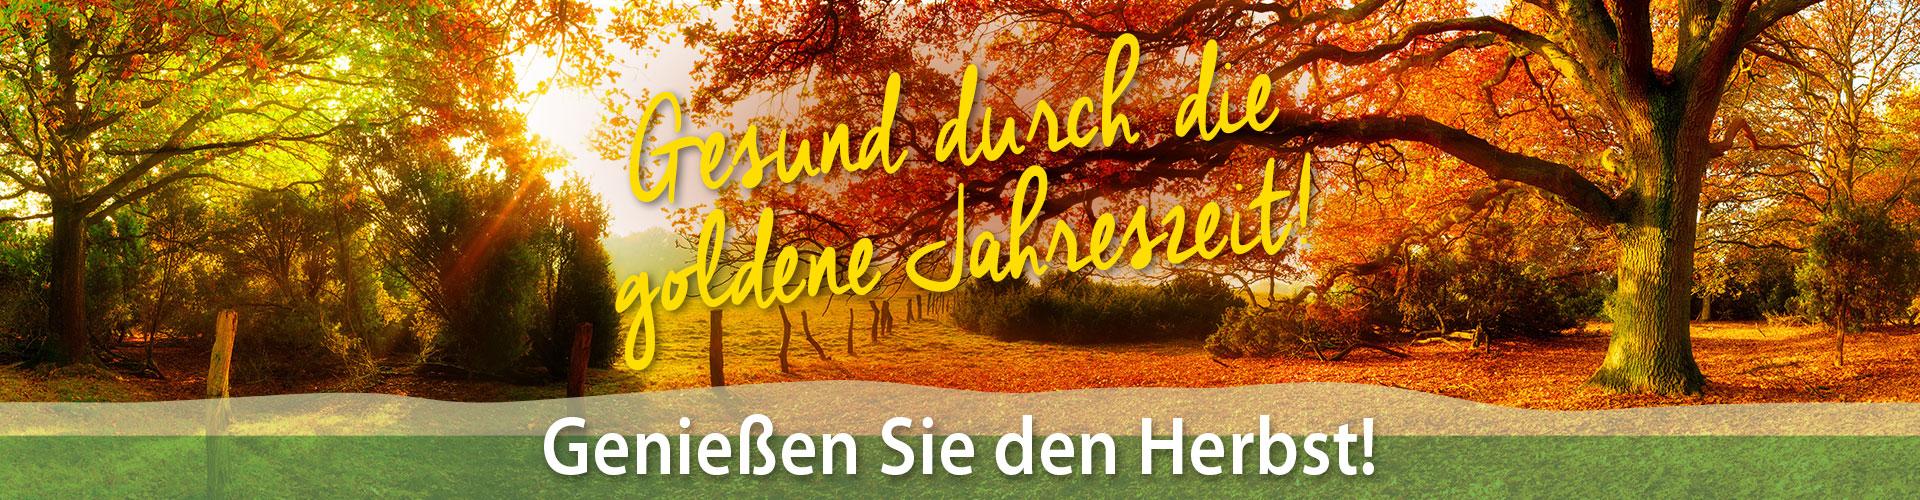 Banner der Apotheke Neckarburg